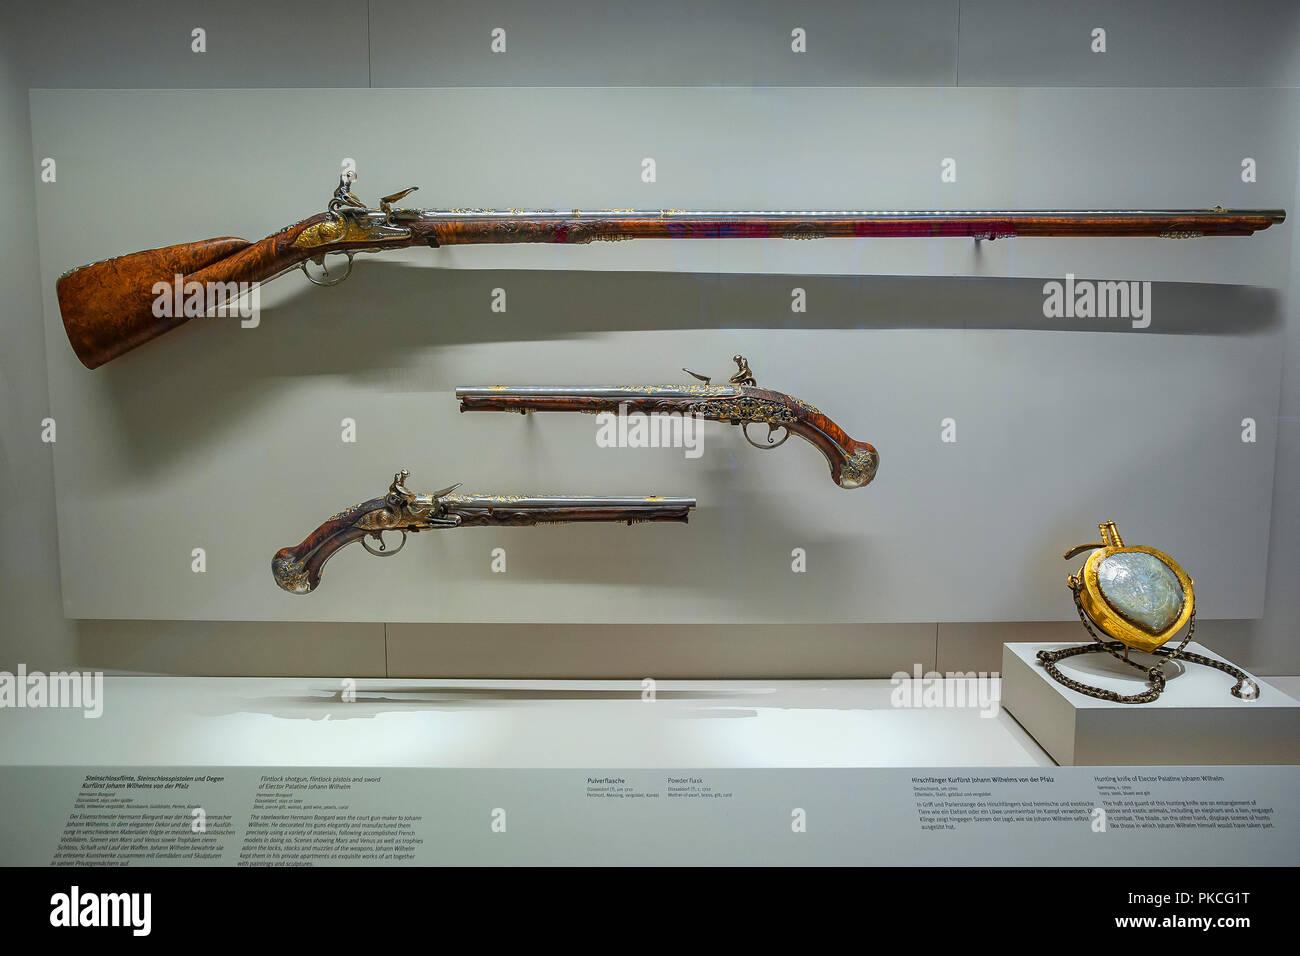 Flintlock Pistol and Rifle of Elector Johann Wilhelm von der Pfalz, c. 1690, National Museum, Munich, Upper Bavaria, Bavaria - Stock Image